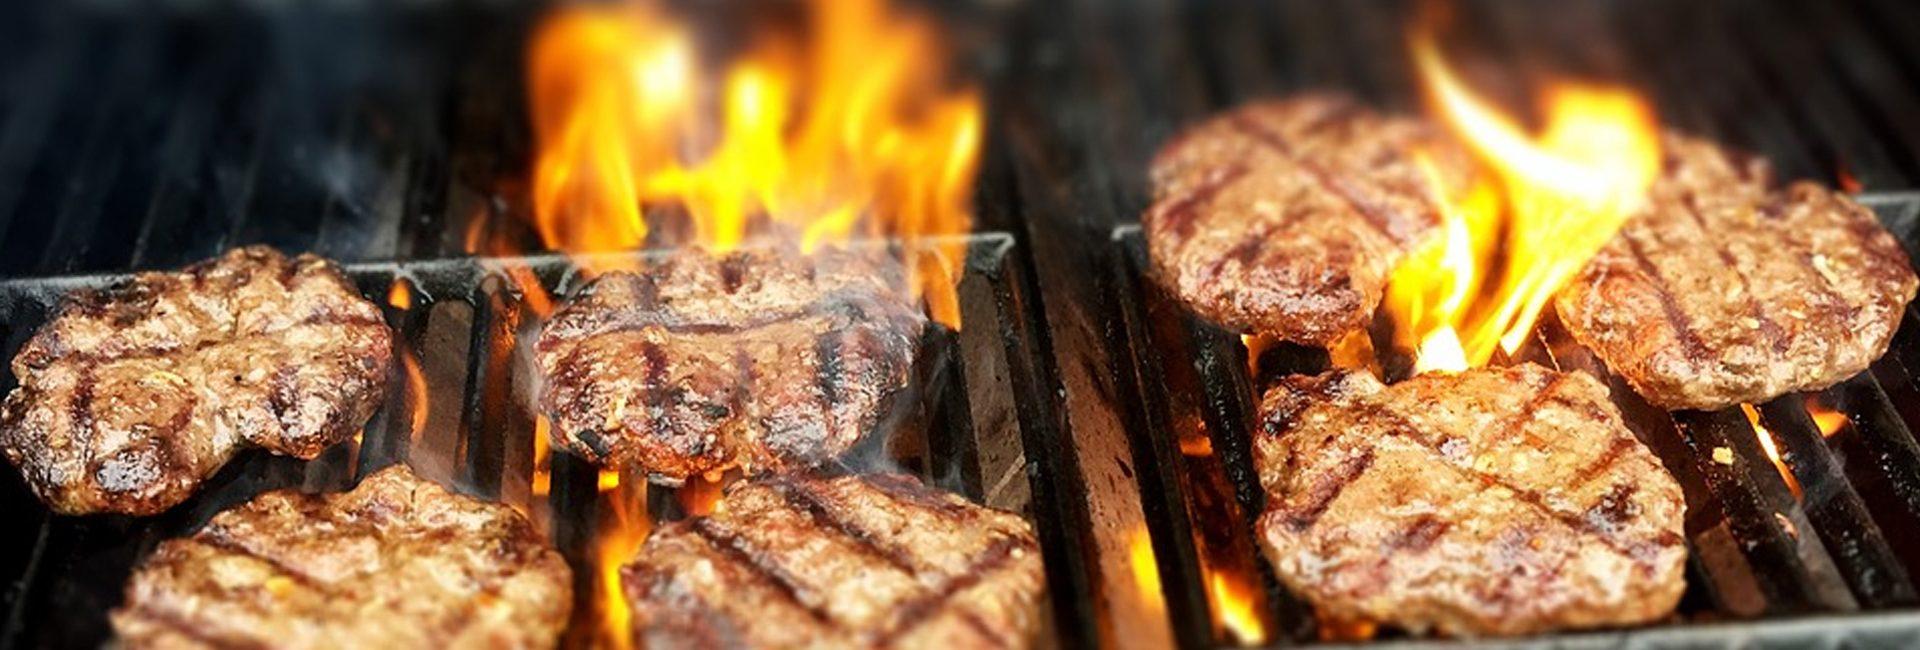 Meatlover Grillgas von PROGAS in Spangenberg kaufen